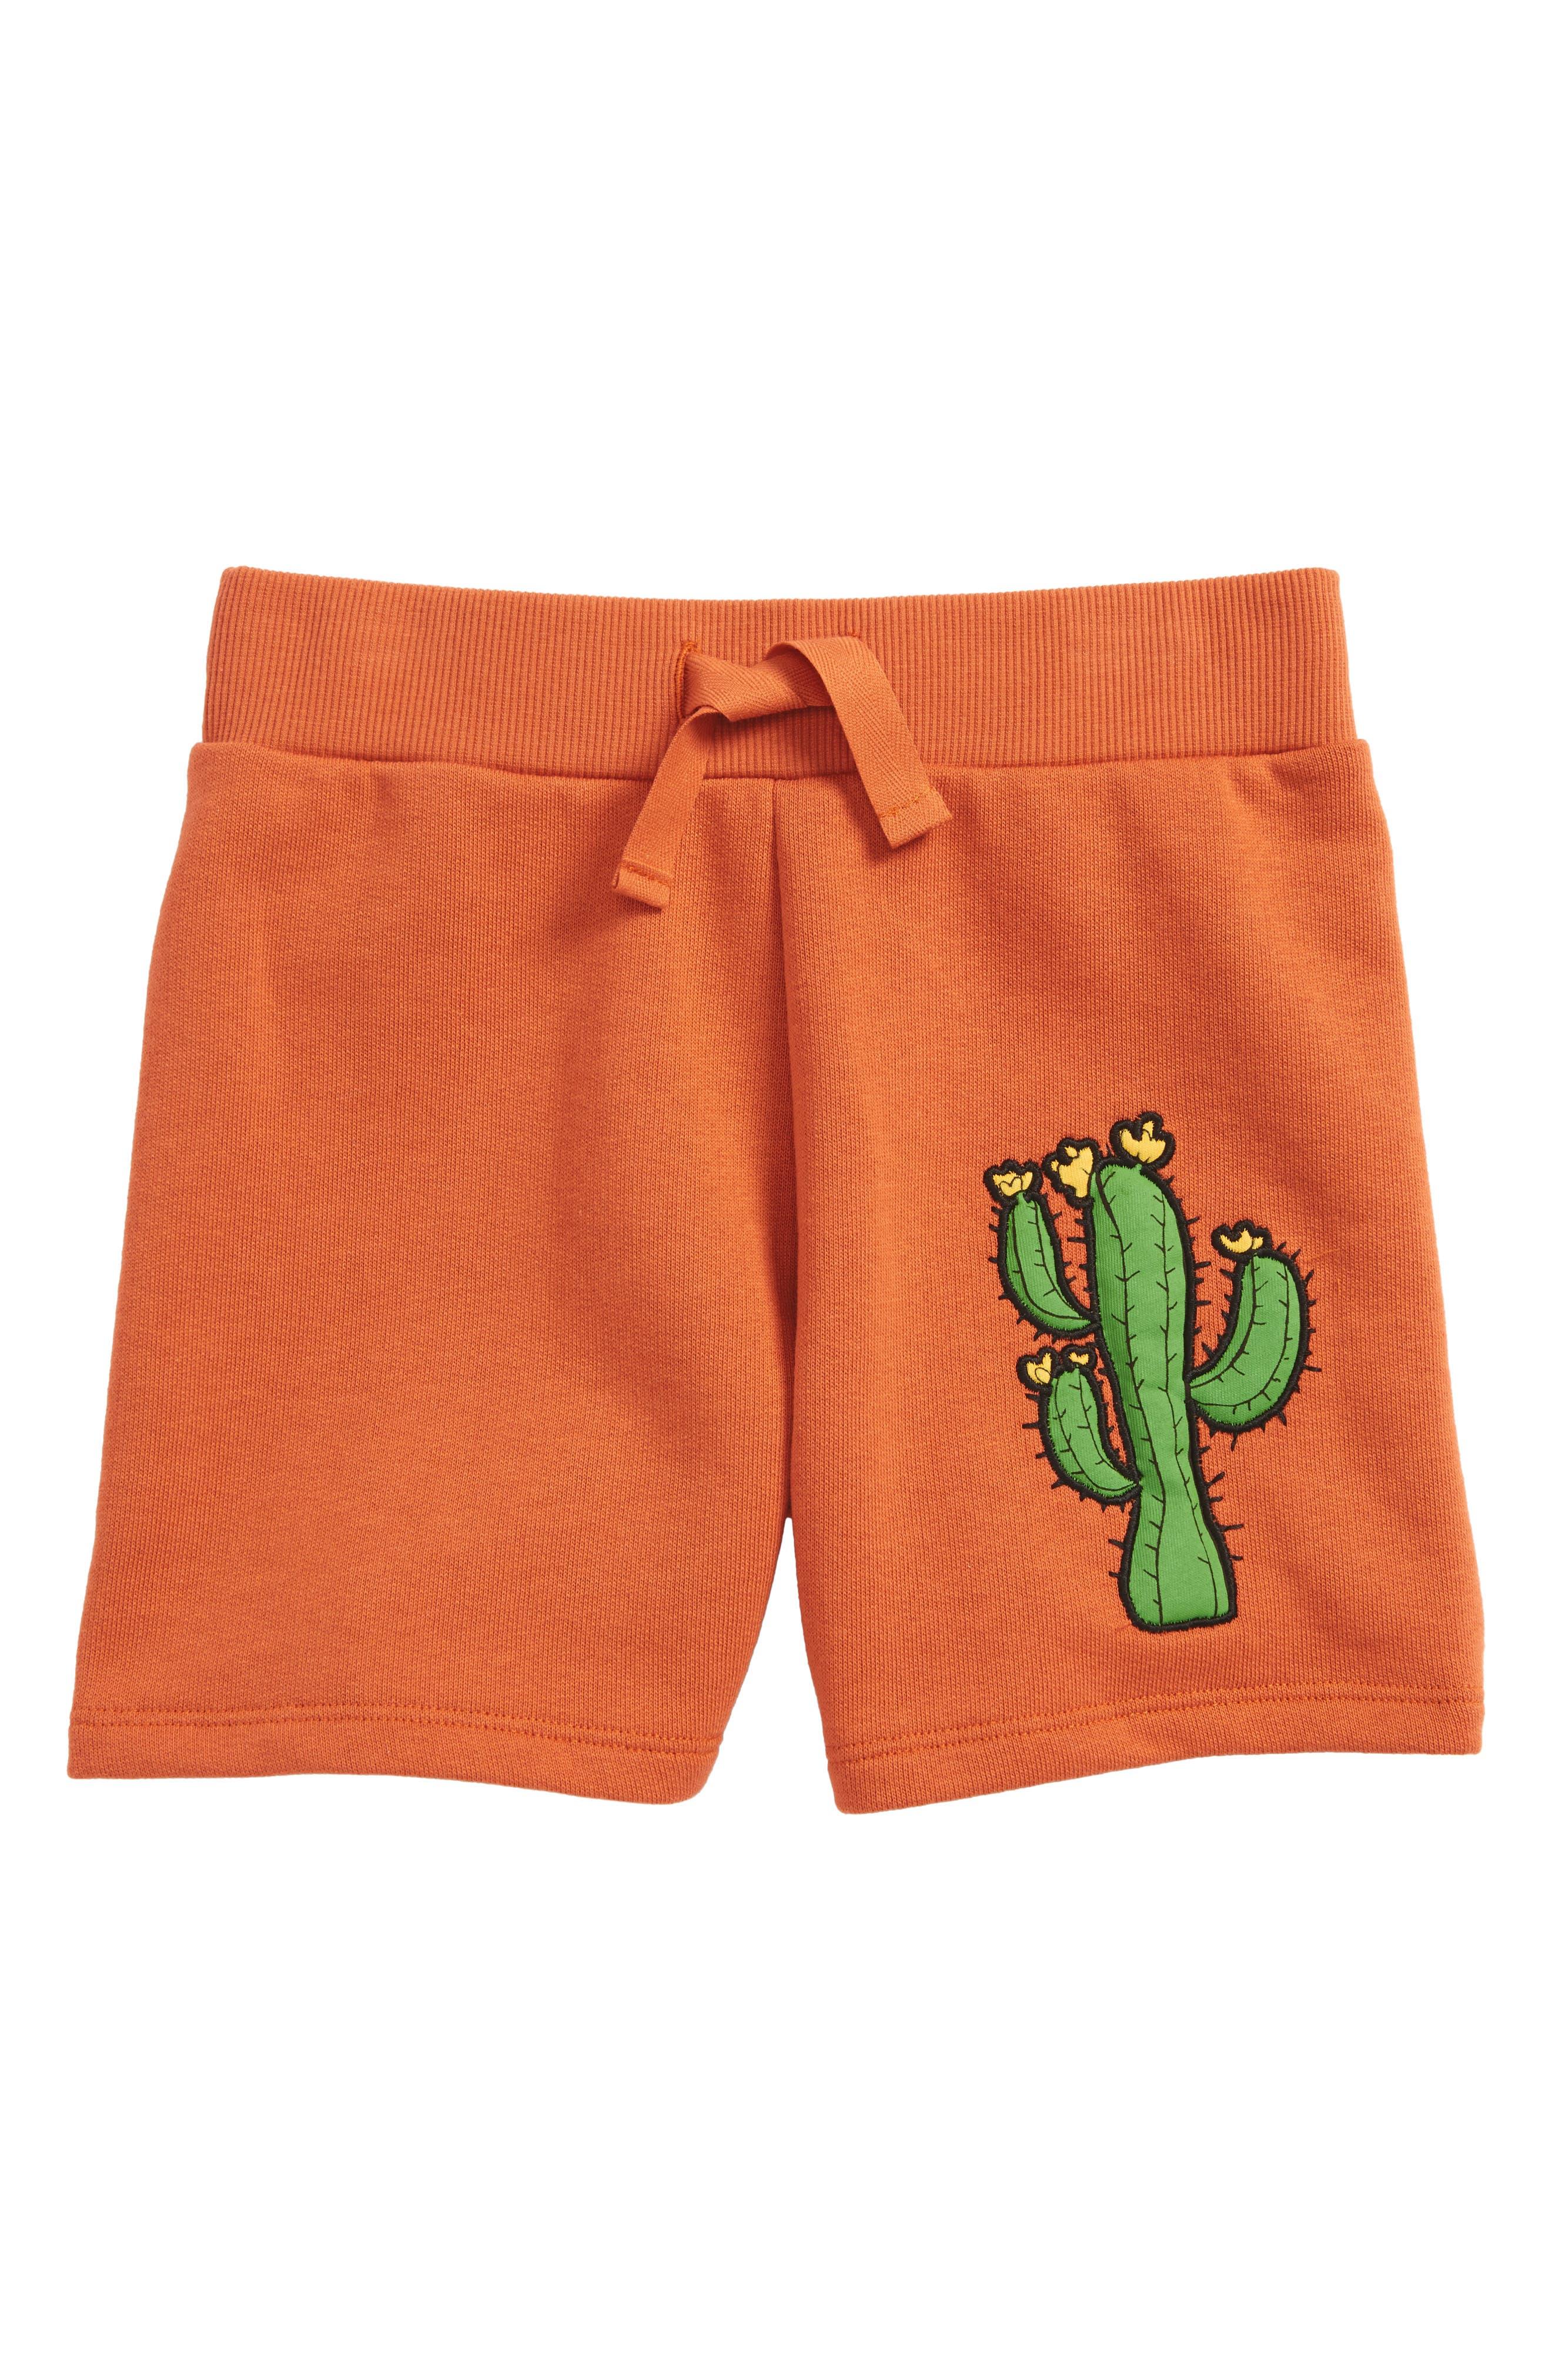 Donkey & Cactus Appliqué Organic Cotton Shorts,                         Main,                         color, Orange